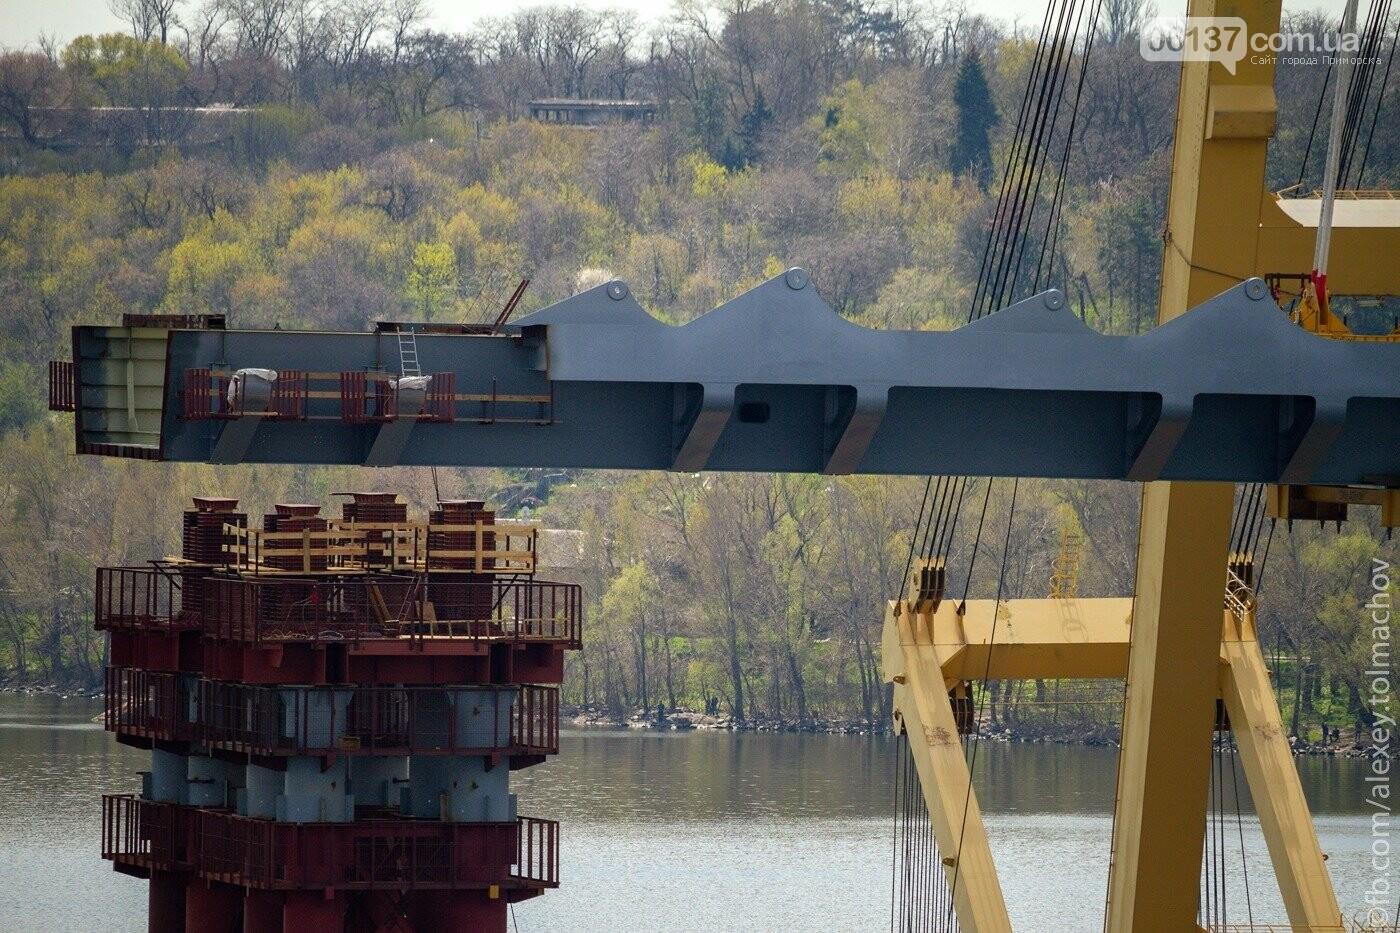 Историческое событие в Запорожье: смонтирован первый сегмент нового вантового моста. Фото, фото-24